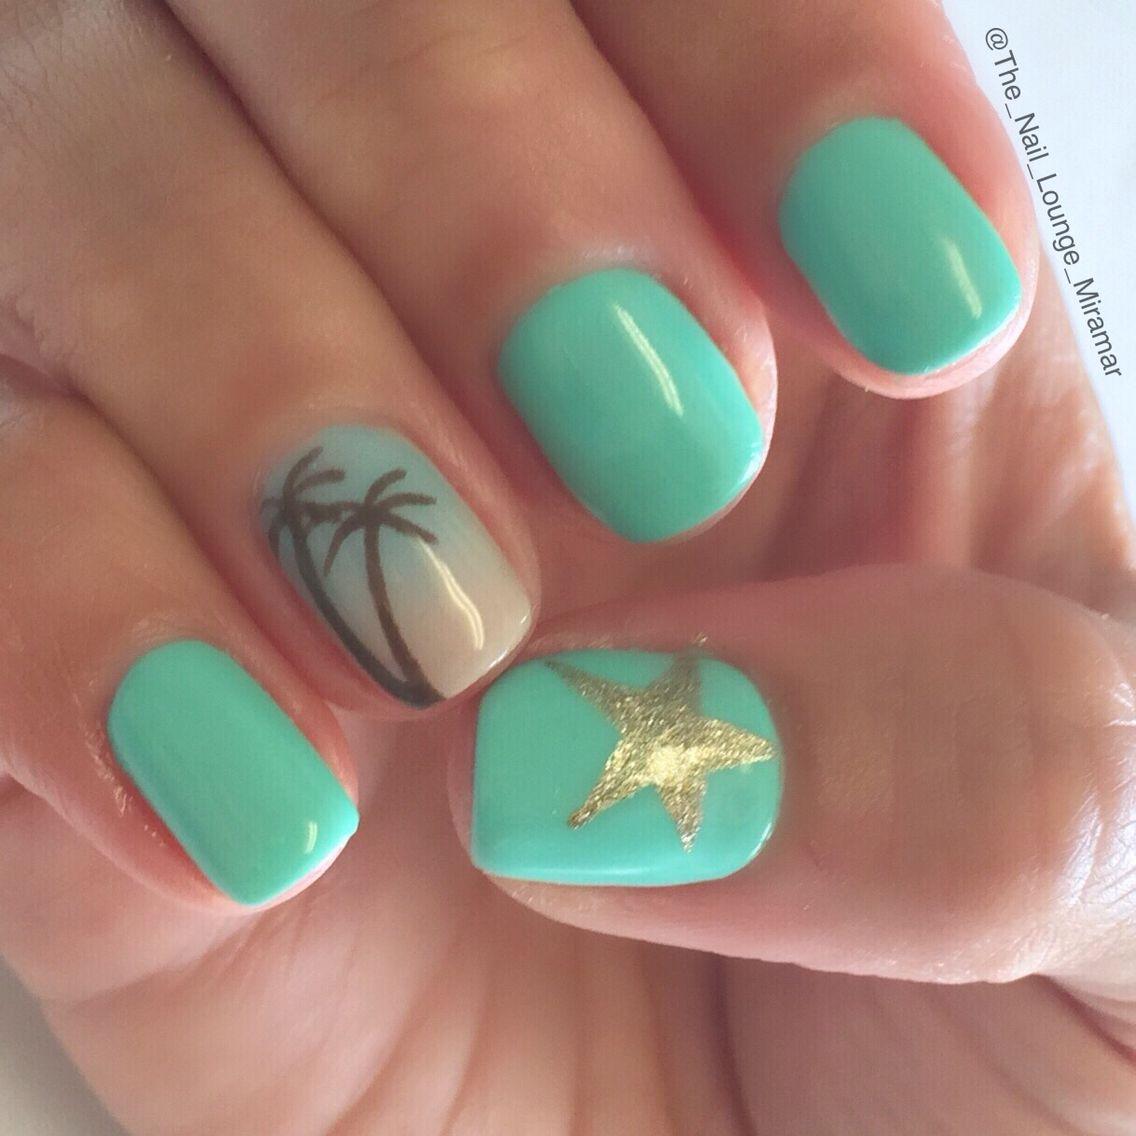 150+ Beautiful and Stylish Nail Art Ideas - 150+ Beautiful And Stylish Nail Art Ideas Star Nail Art, Star